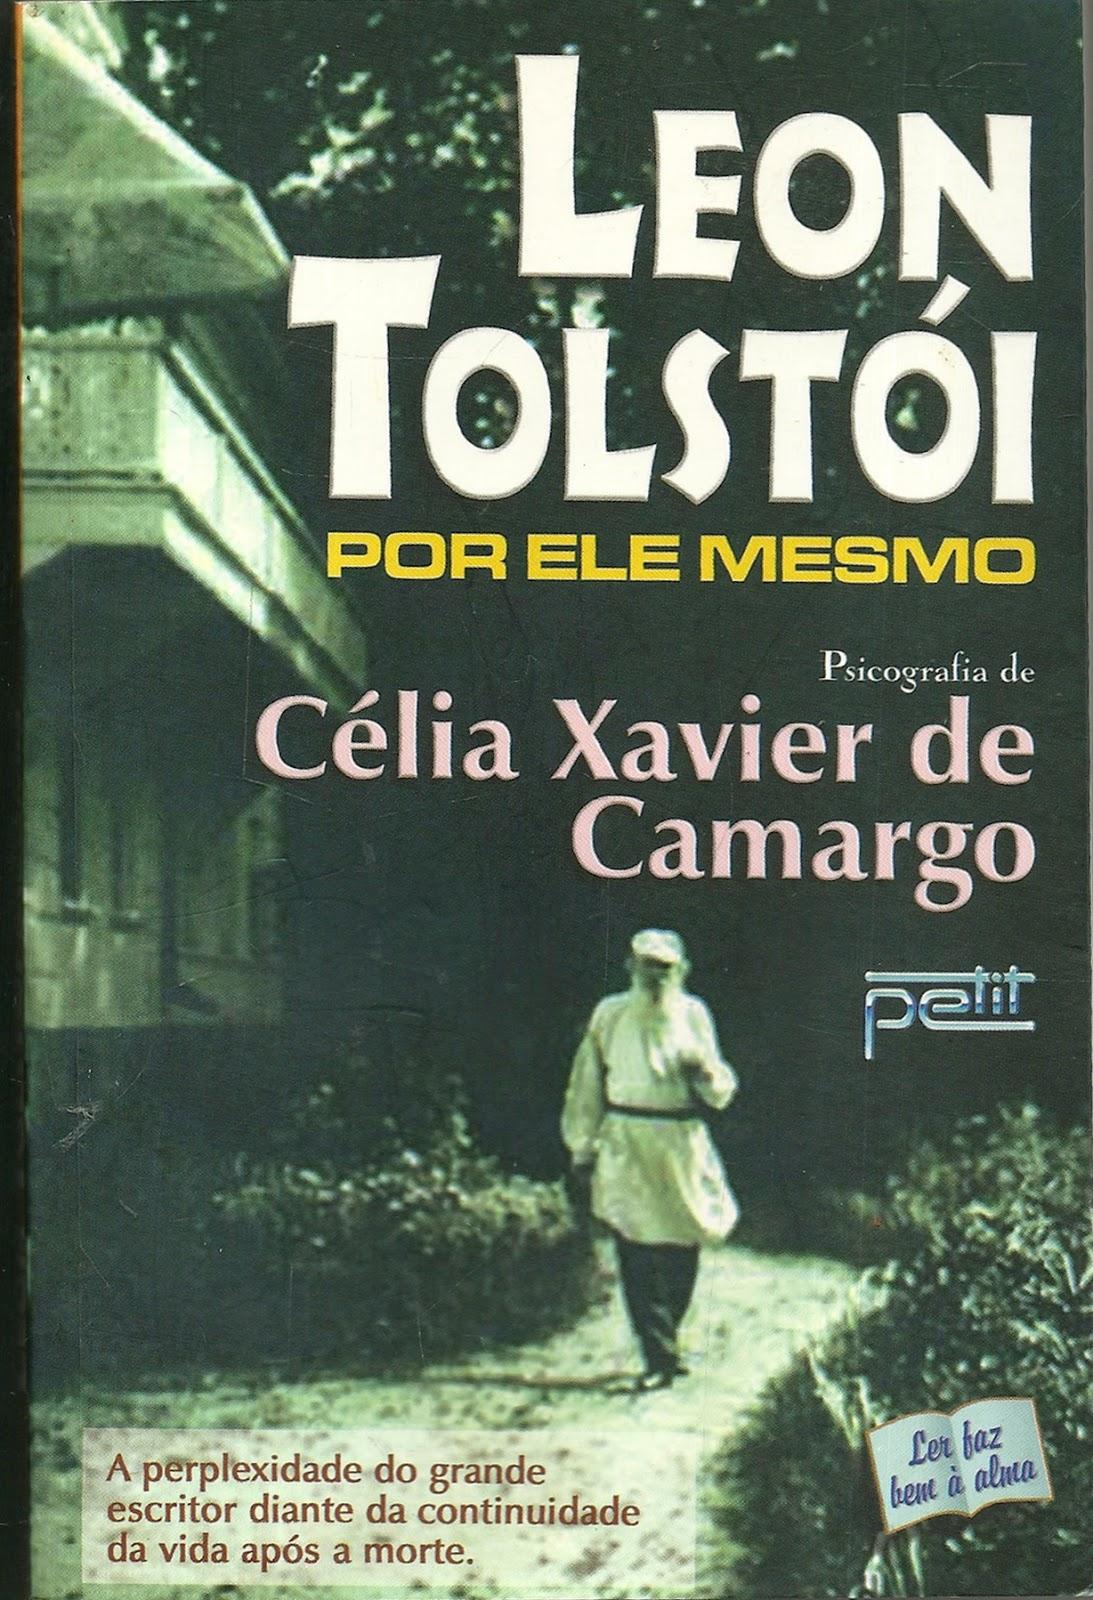 #BAA311 Livraria Sebo Em Nome da Rosa : Janeiro 2015 1093x1600 px a estante do formador @ bernauer.info Móveis Antigos Novos E Usados Online